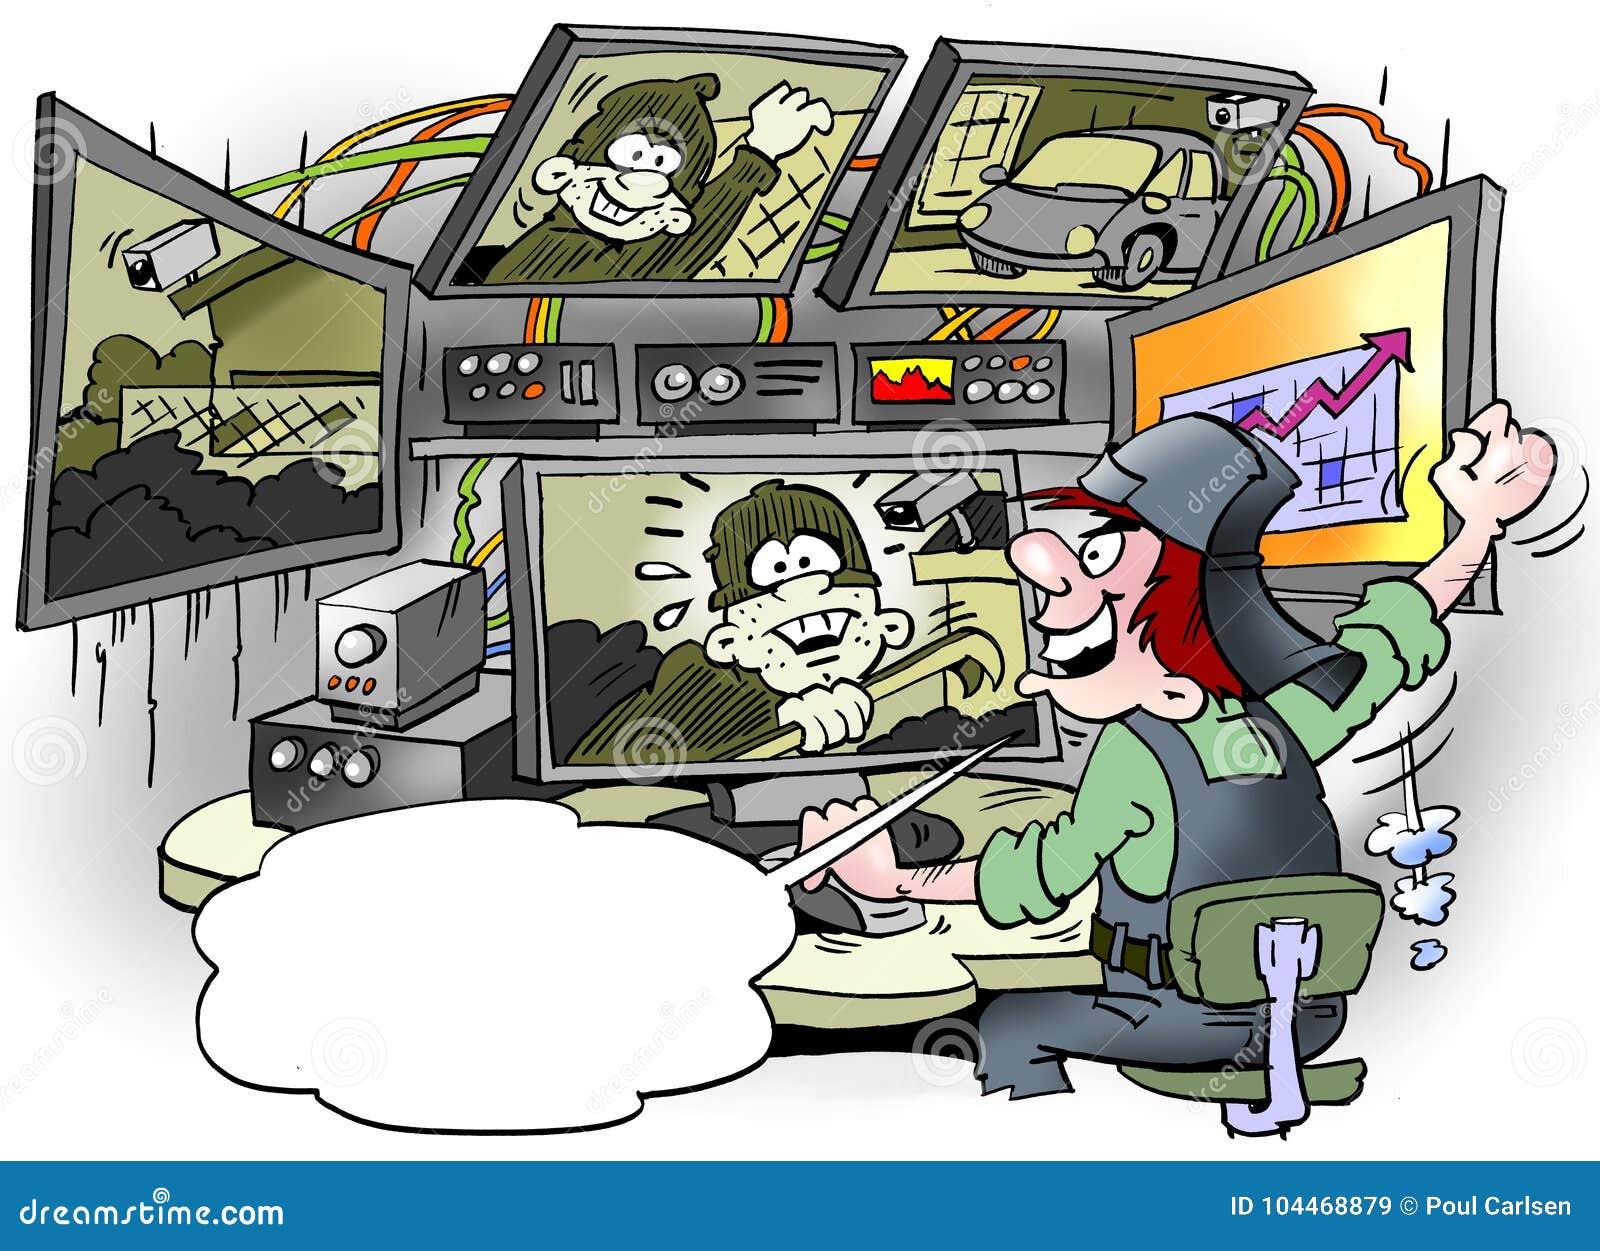 L illustration de bande dessinée du voleur de voiture d A a été découverte dans une installation géante de surveillance